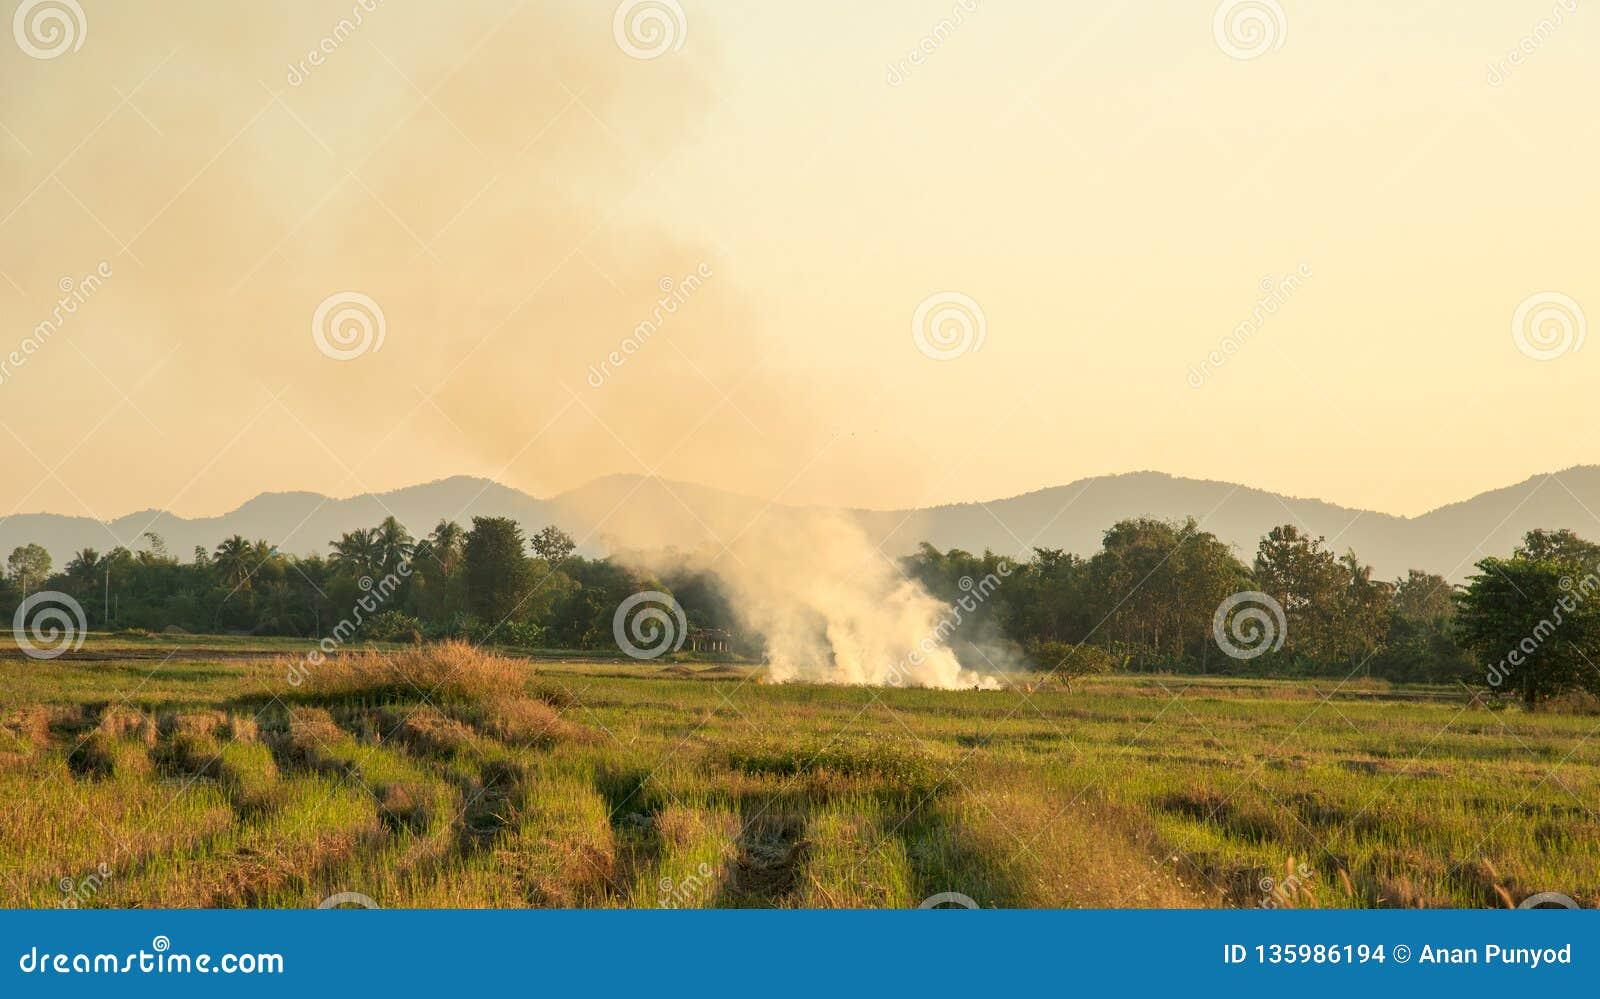 Взгляд горения после обрабатывать землю в полях риса